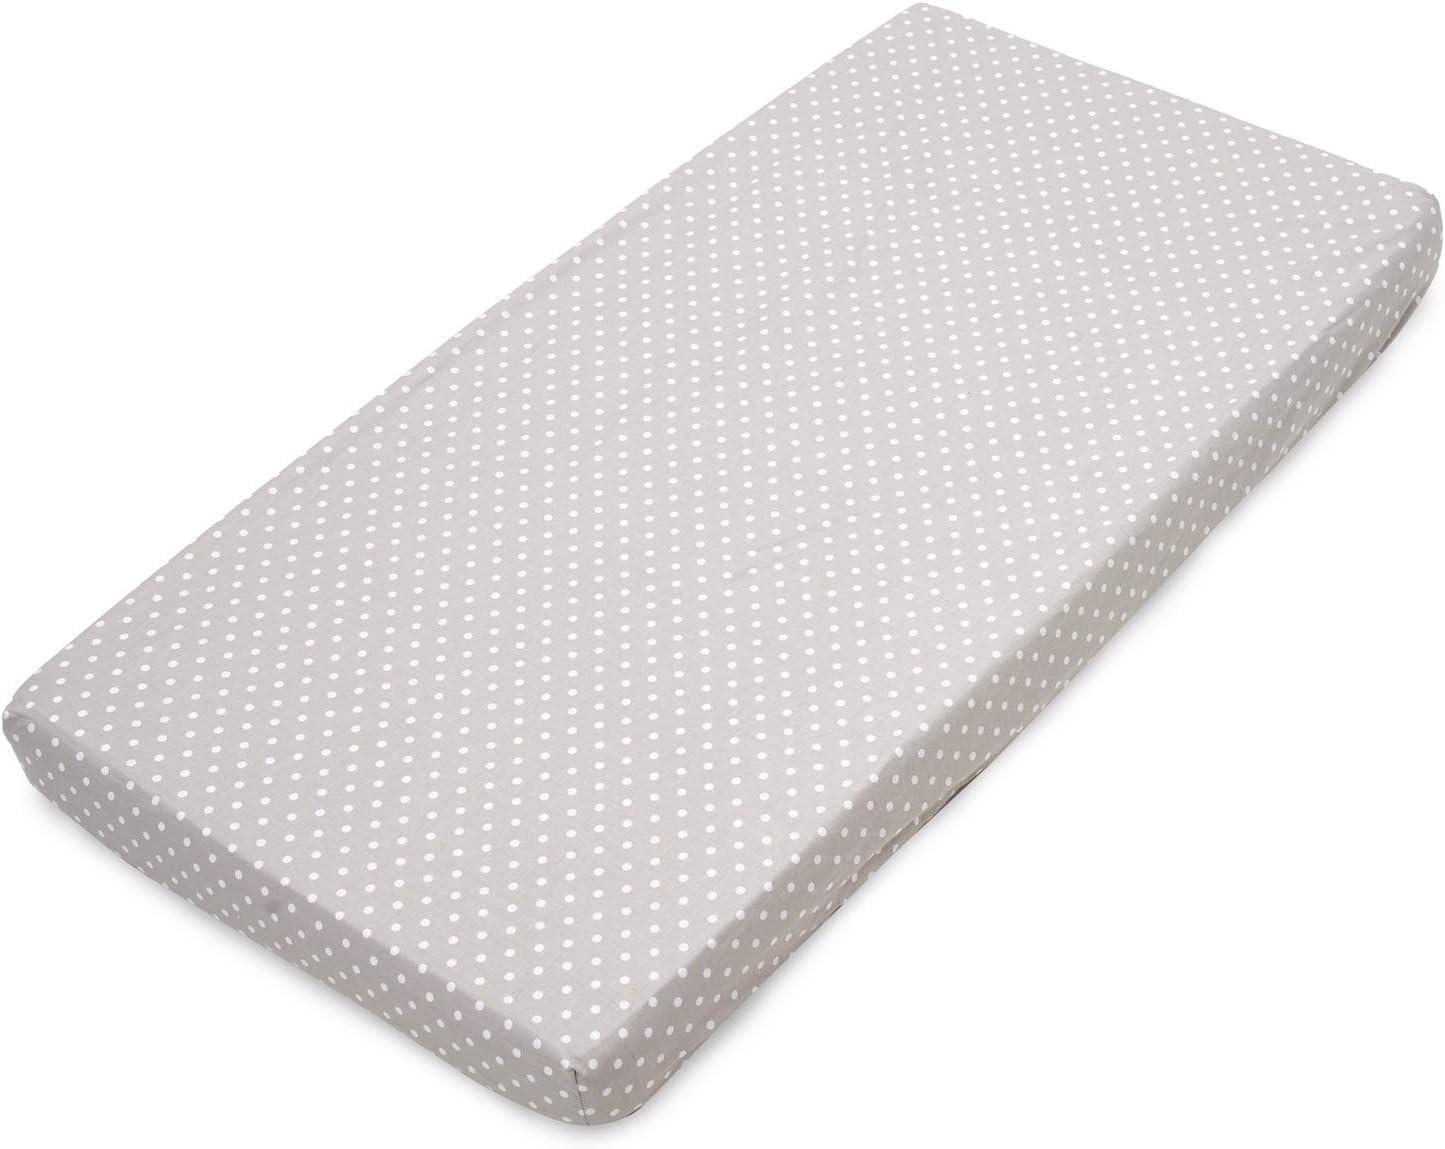 gris, /étoiles multicolores et blanc - Fabriqu/é en Europe Lot de 3 draps-housses 1 prot/ège-matelas imperm/éable 120 x 60 cm 100/% coton certifi/é Oeko-Tex